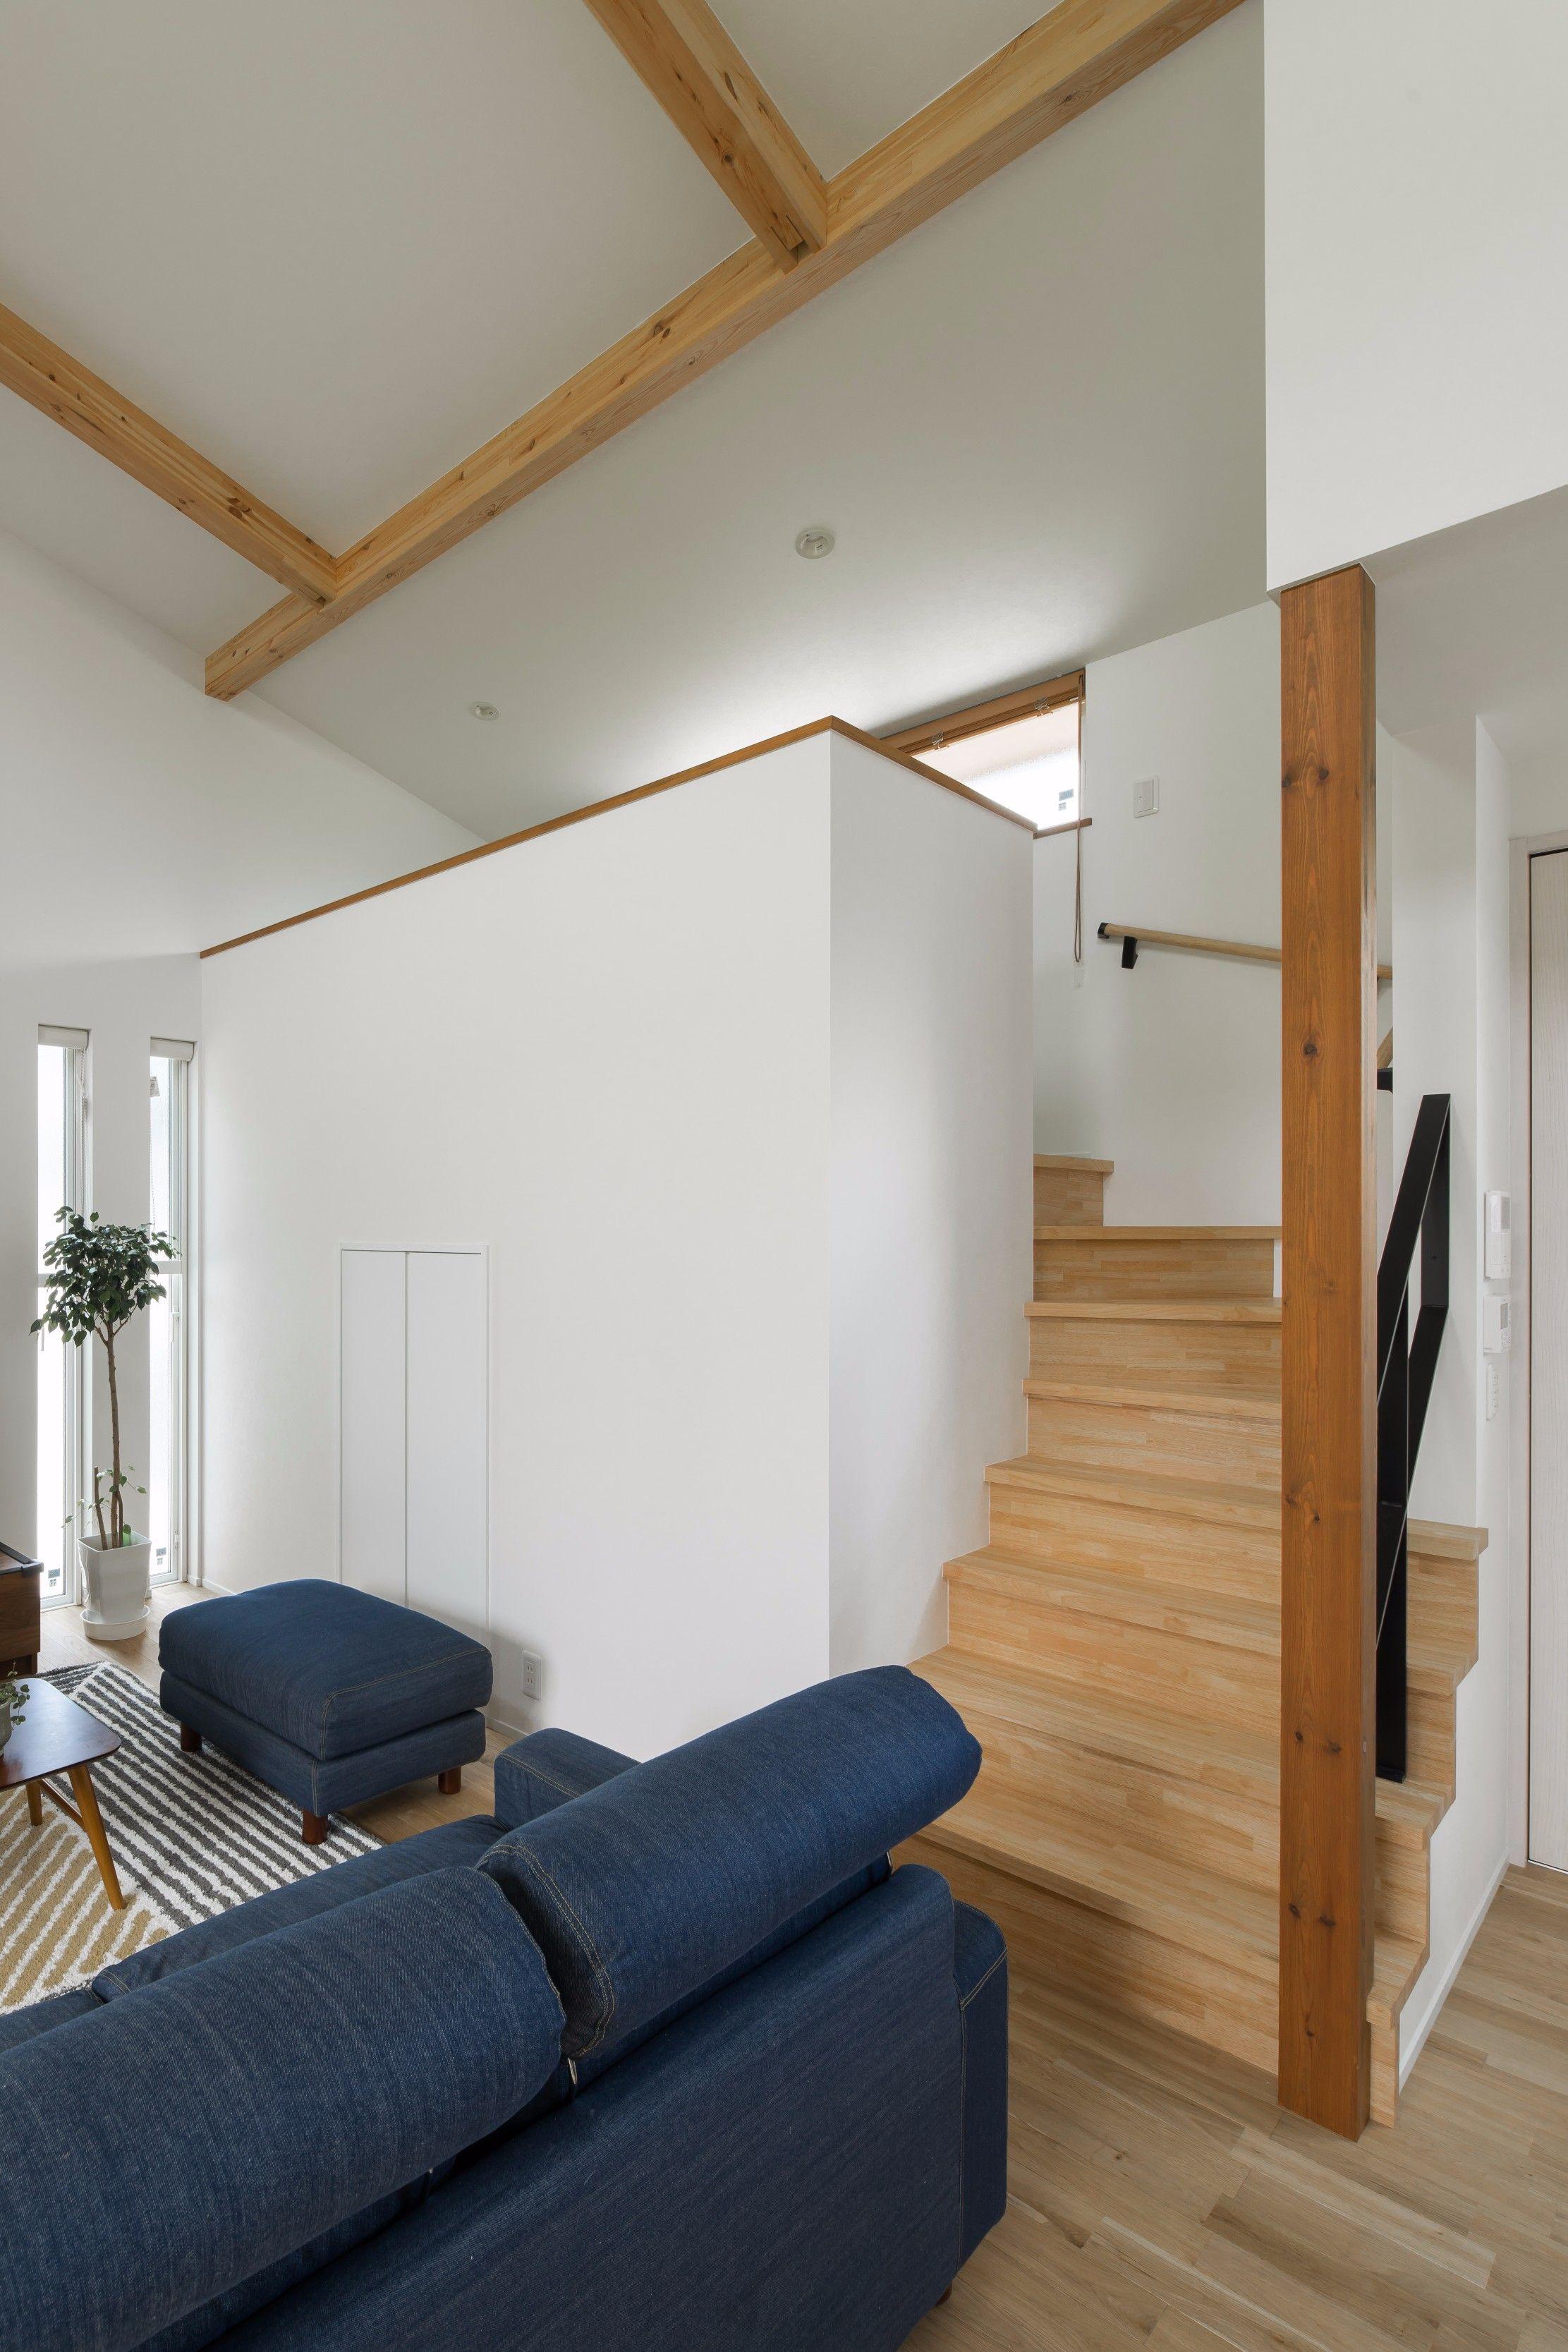 平屋の中二階につながる小さな階段 #ルポハウス #設計士と ...